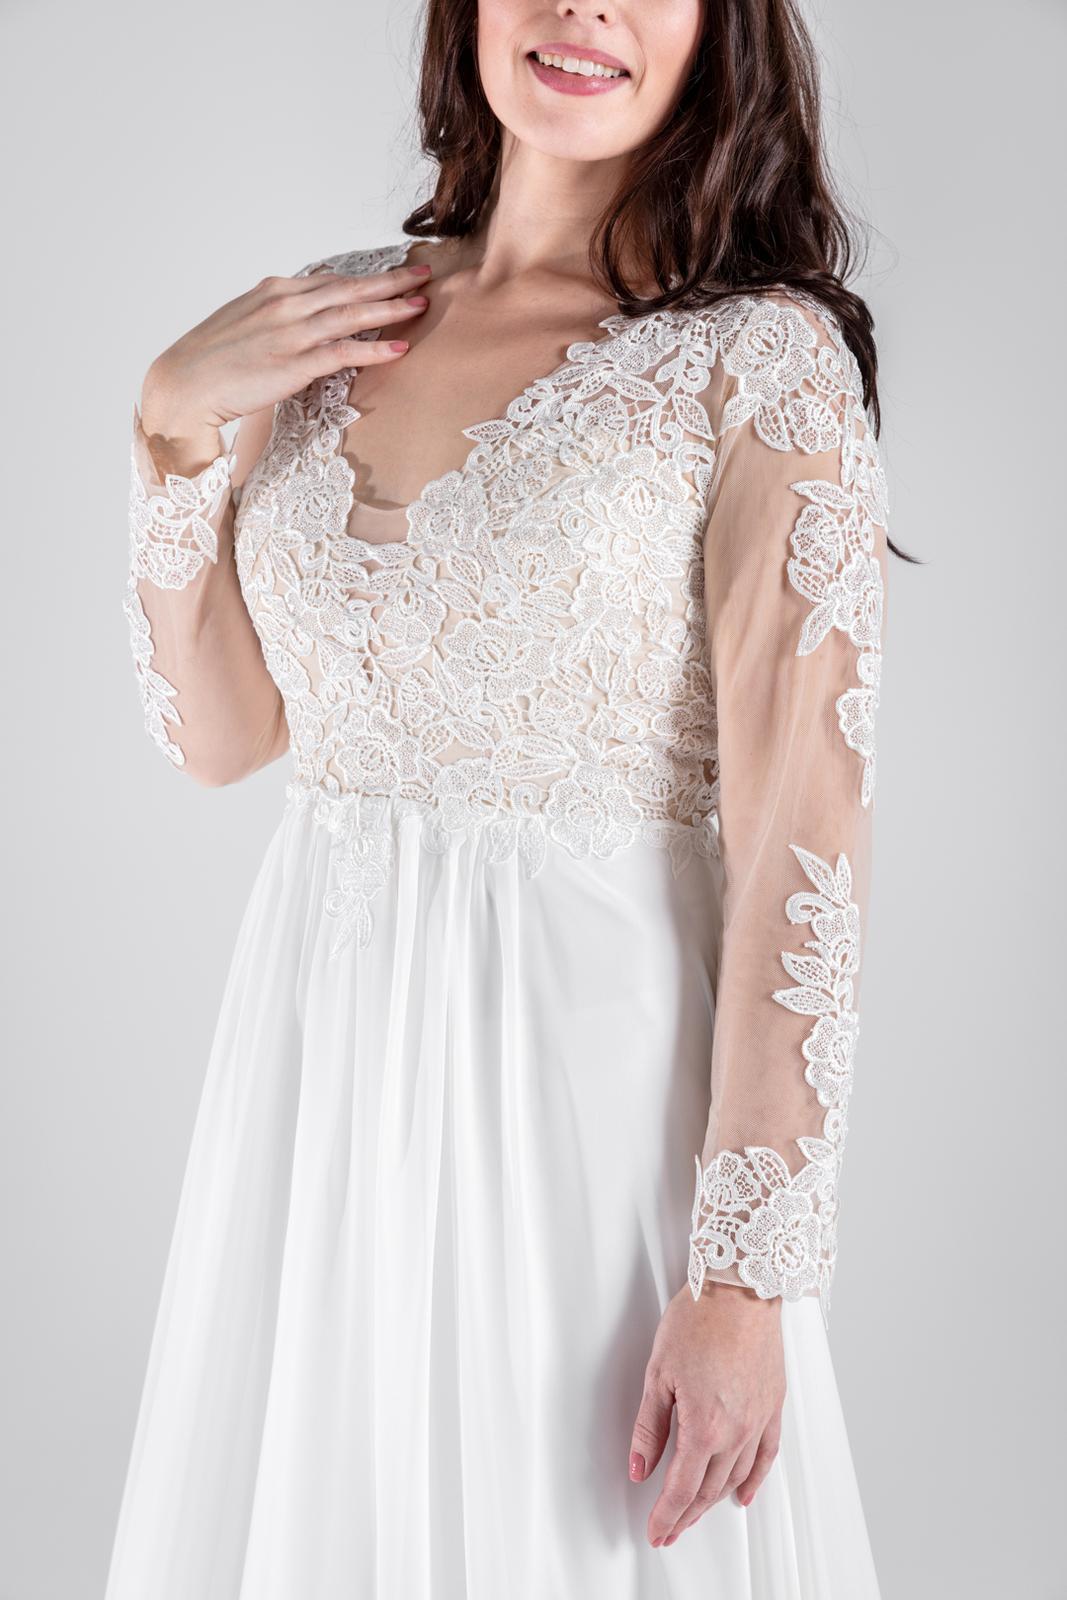 Vílí svatební šaty s dlouhým rukávem, vel 38-46 - Obrázek č. 1